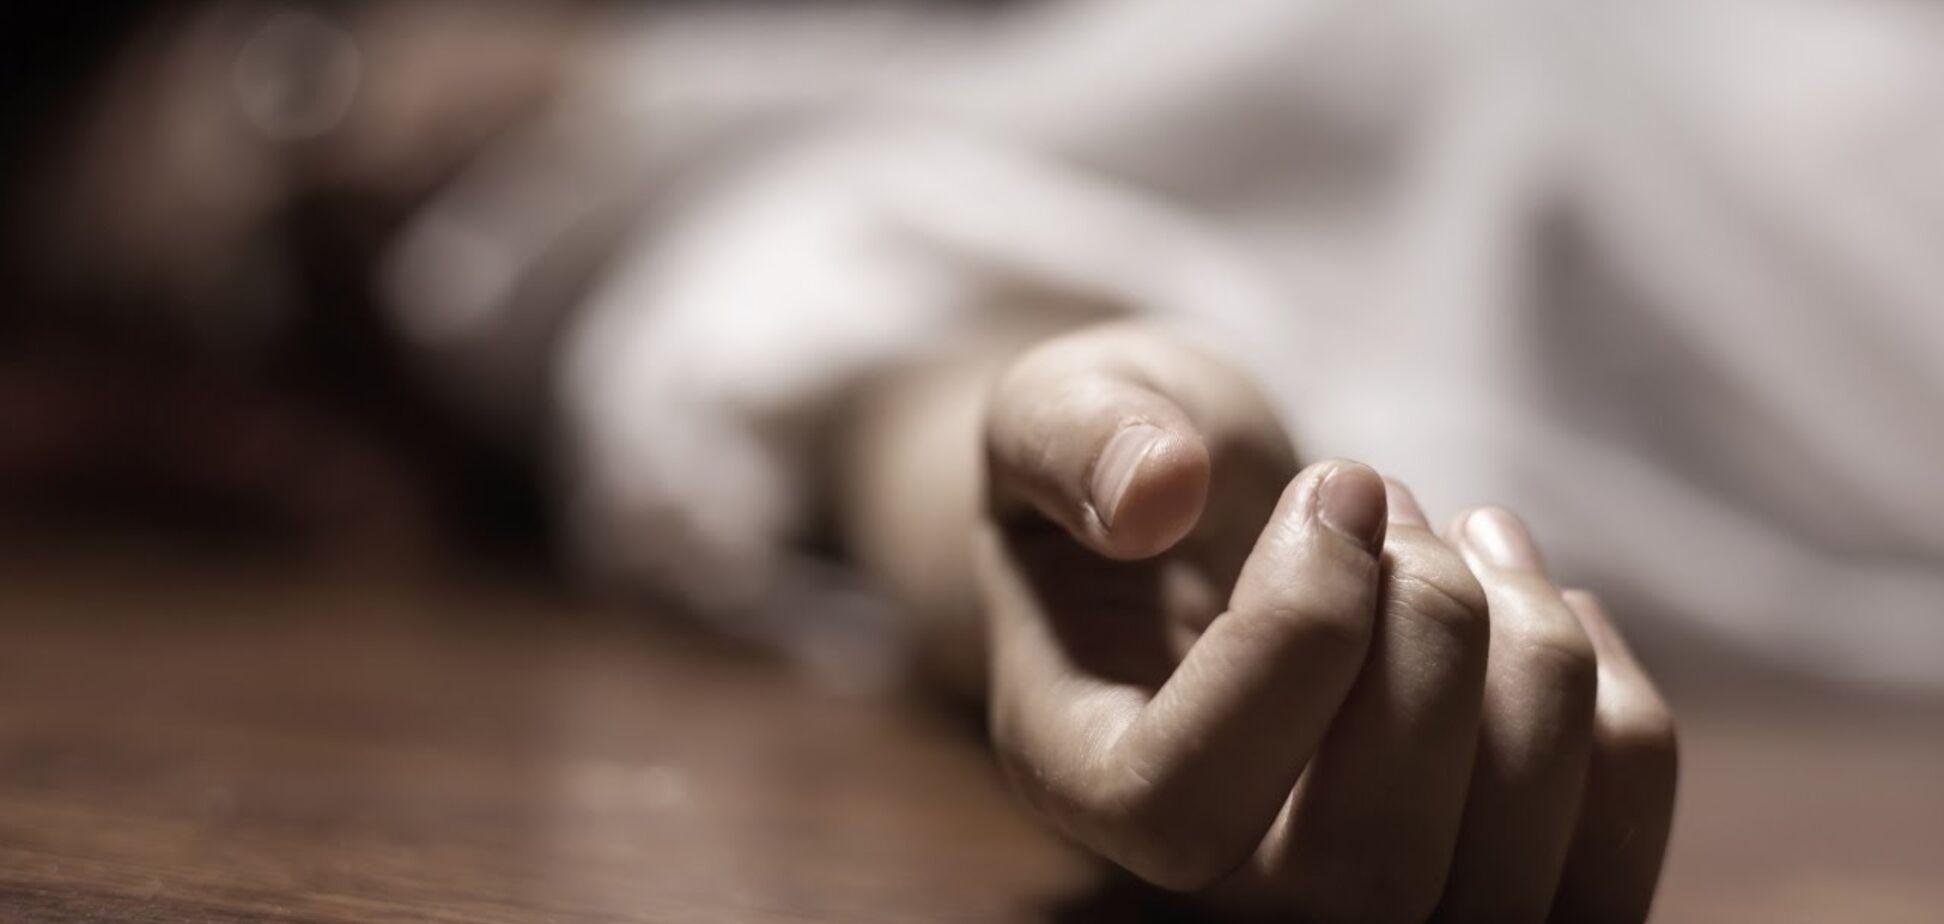 Сайт-віщун смертей багатьох знаменитостей назвав тих, хто помре в 2018 році